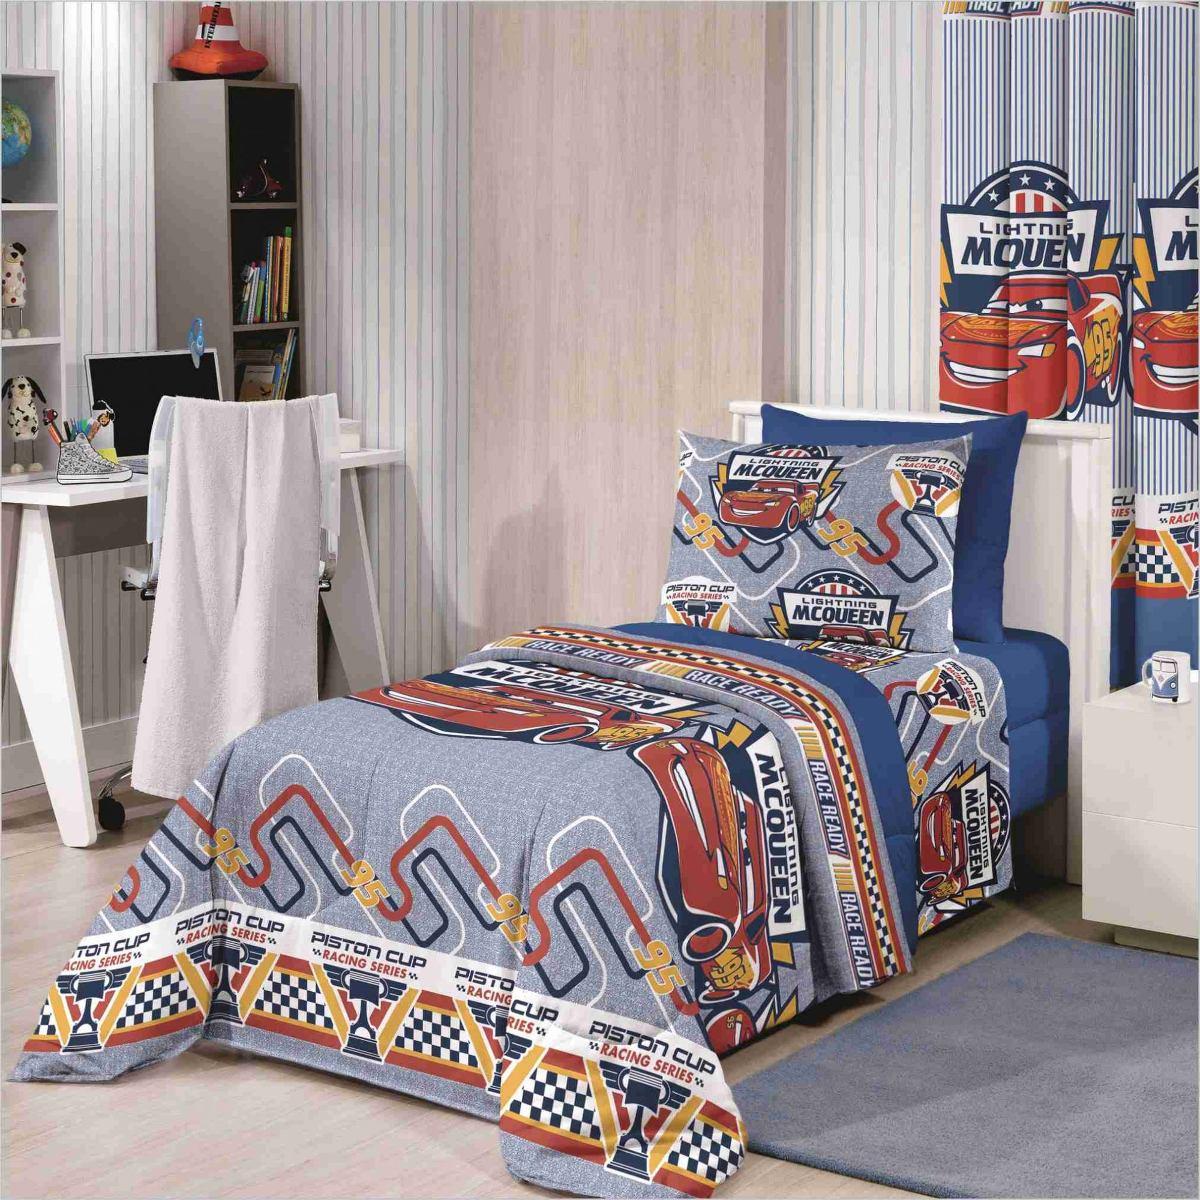 8e5458d265 jogo cama lençol infantil vários personagens disney santista. Carregando  zoom.